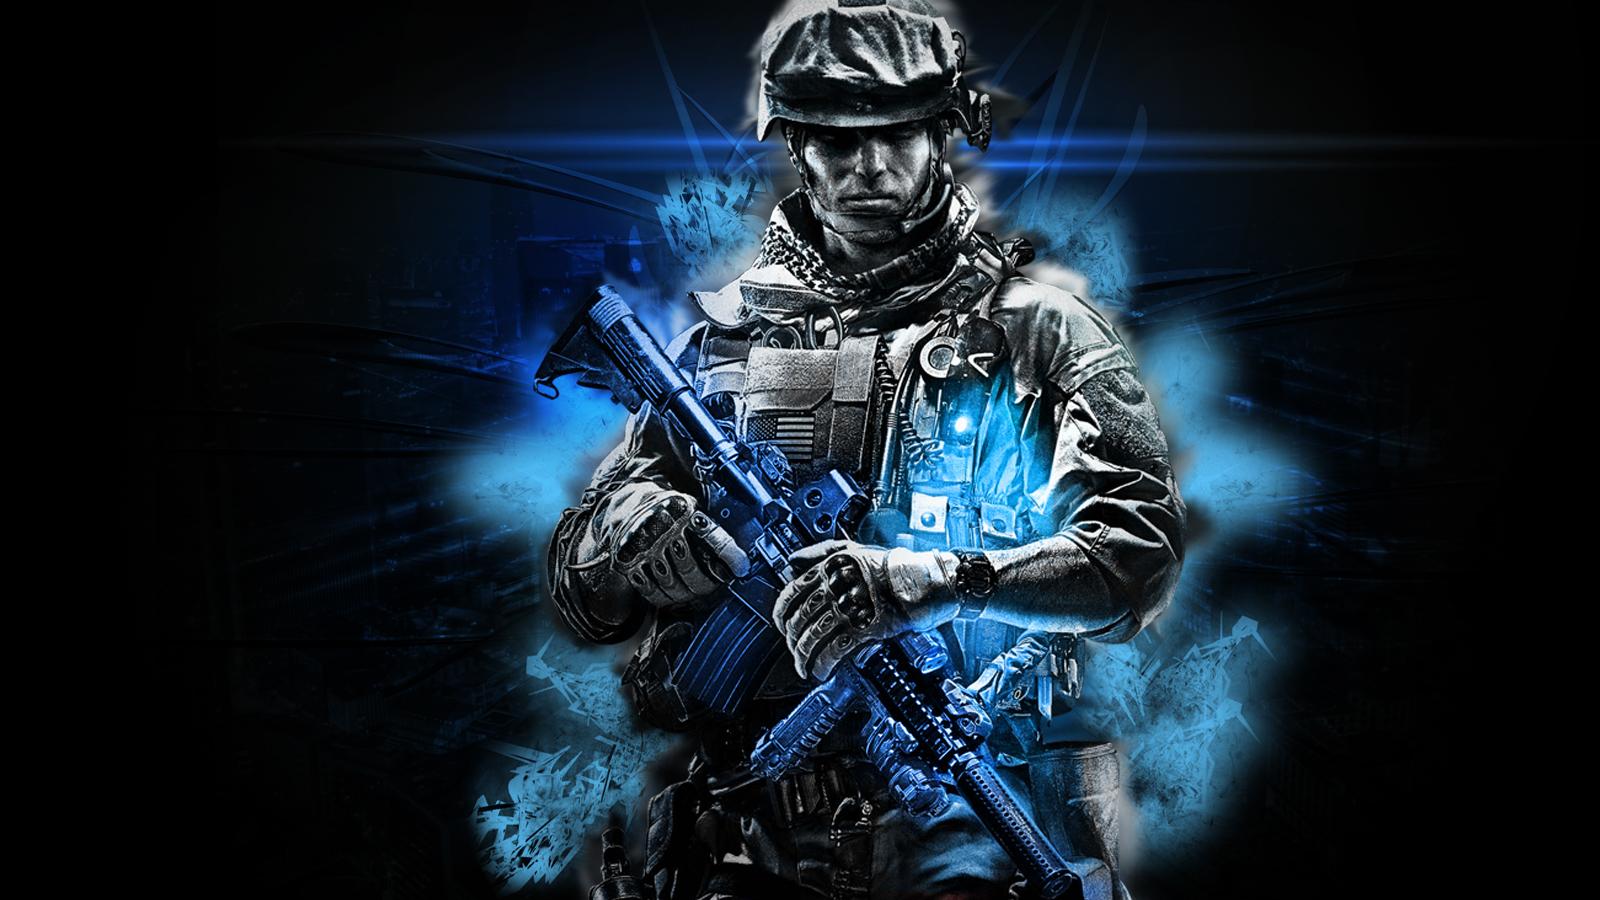 Battlefield 3 HD Cool Backgrounds Wallpaper Games 1600x900